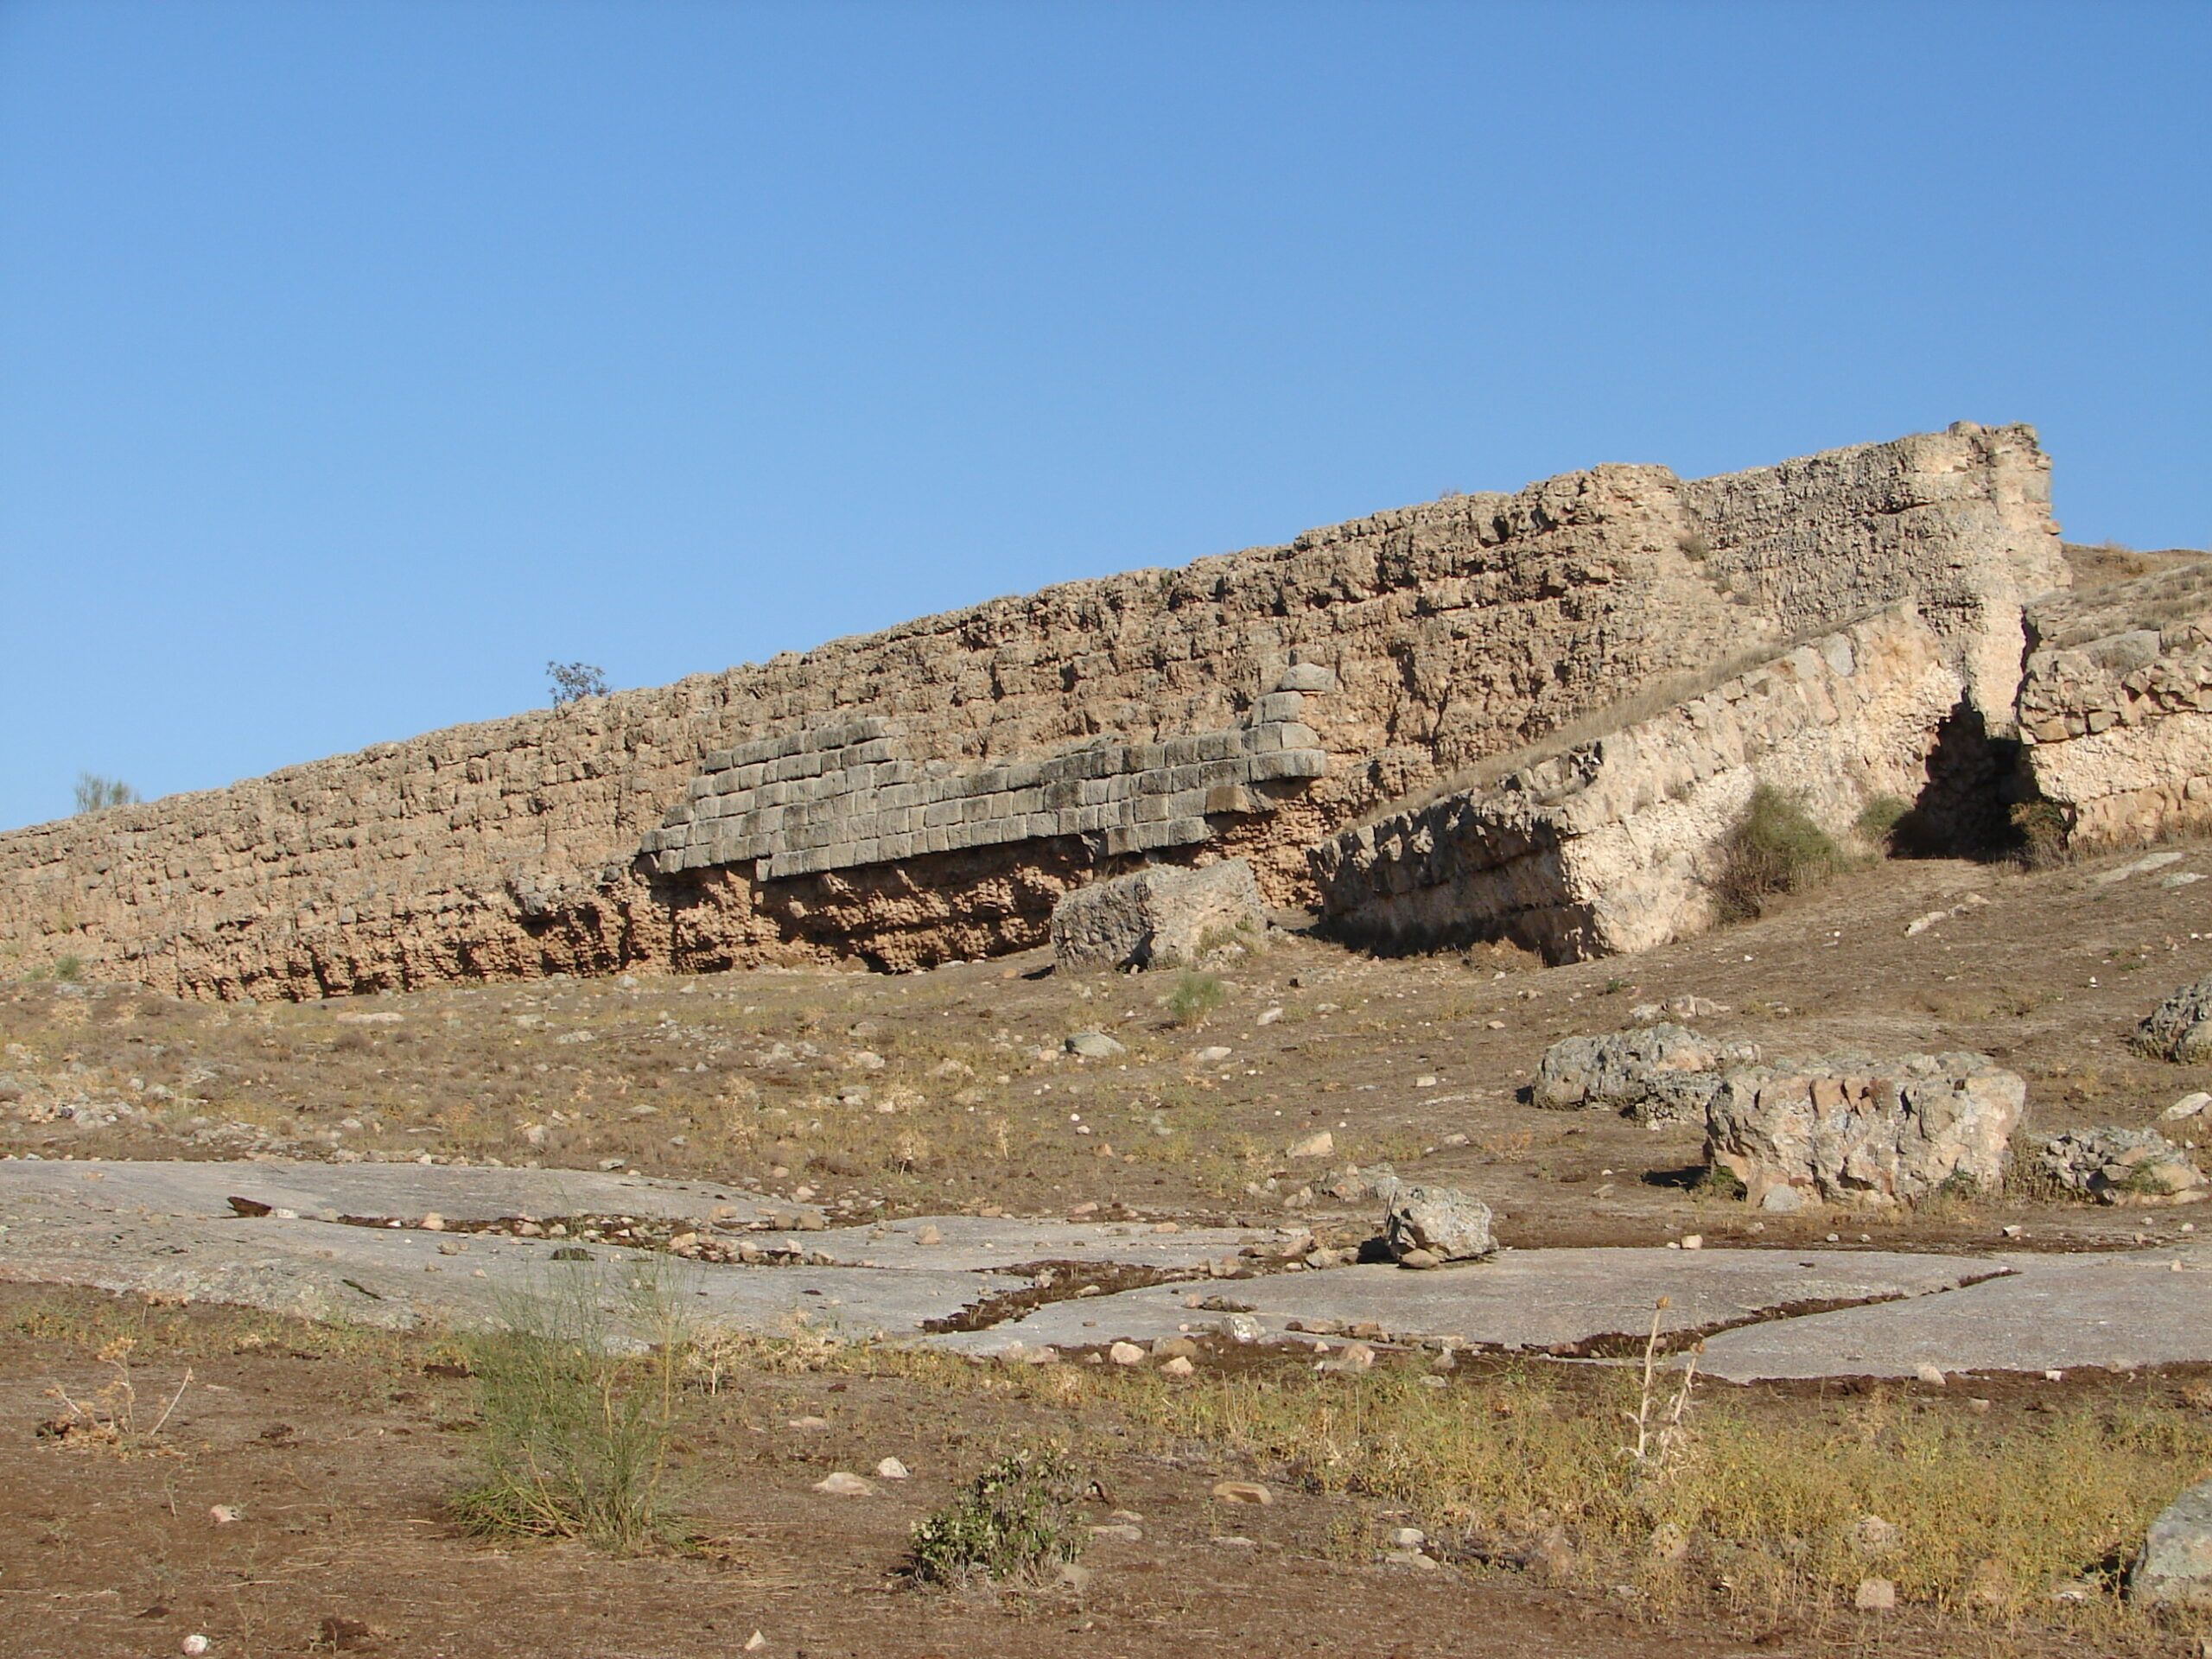 El Gobierno regional declara la presa romana de La Alcantarilla, ubicada en Mazarambroz (Toledo), como BIC con categoría de Monumento